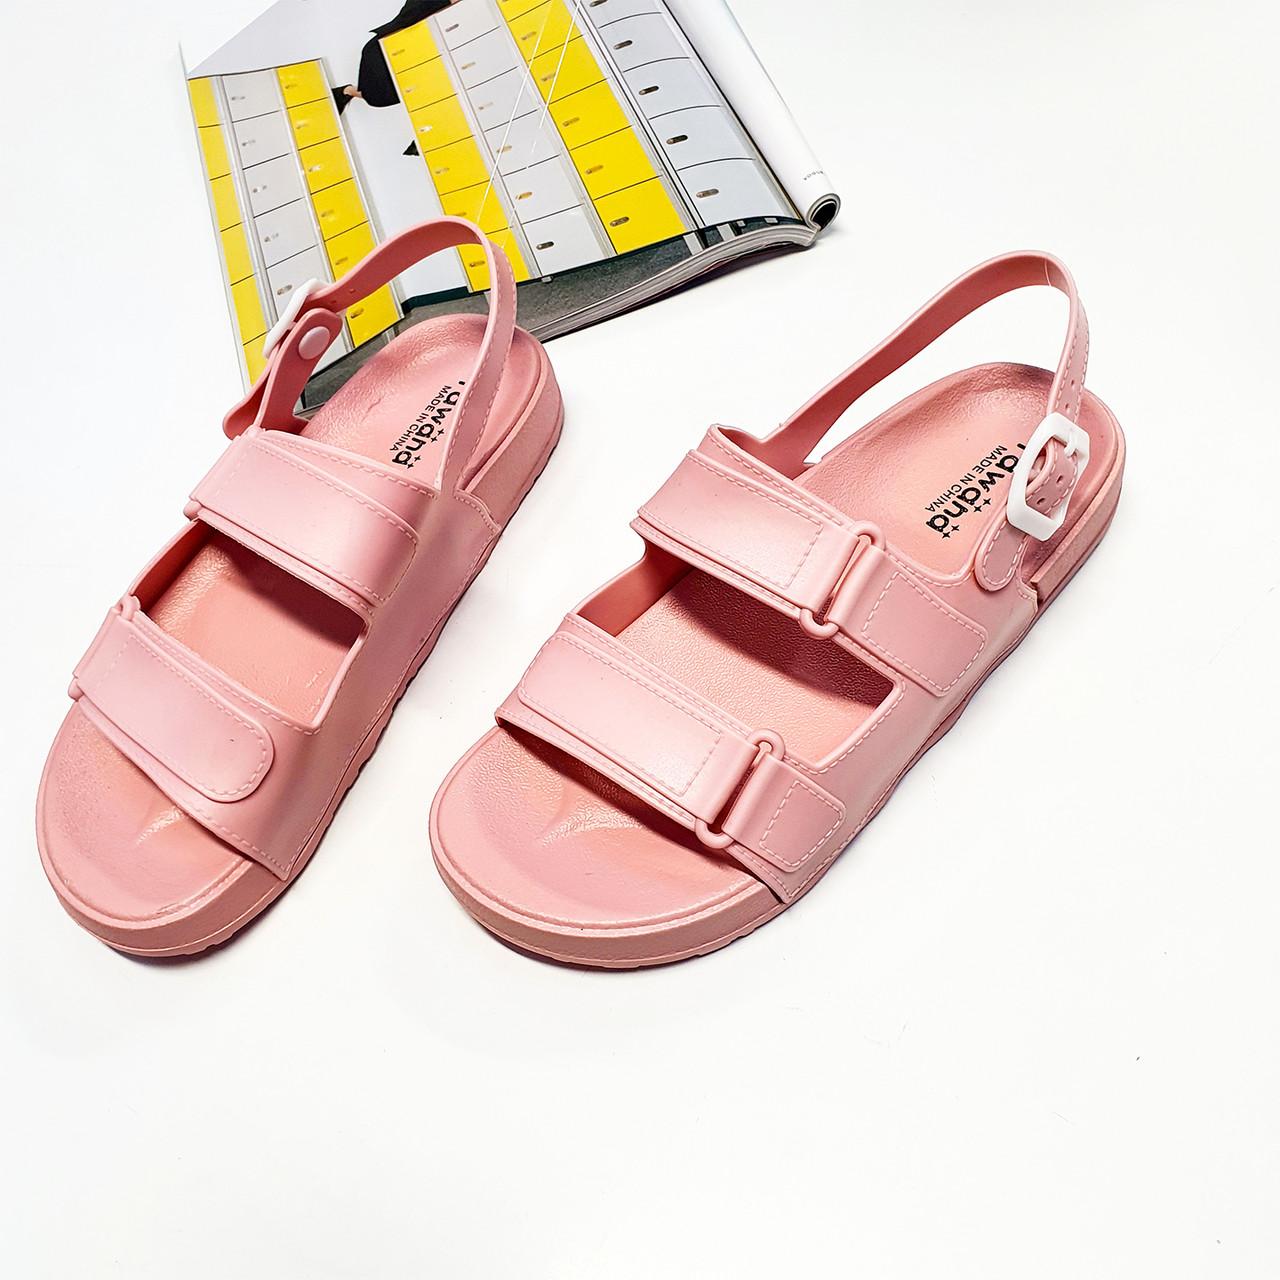 Женские сандали резиновые модные розовые Fashion L-1